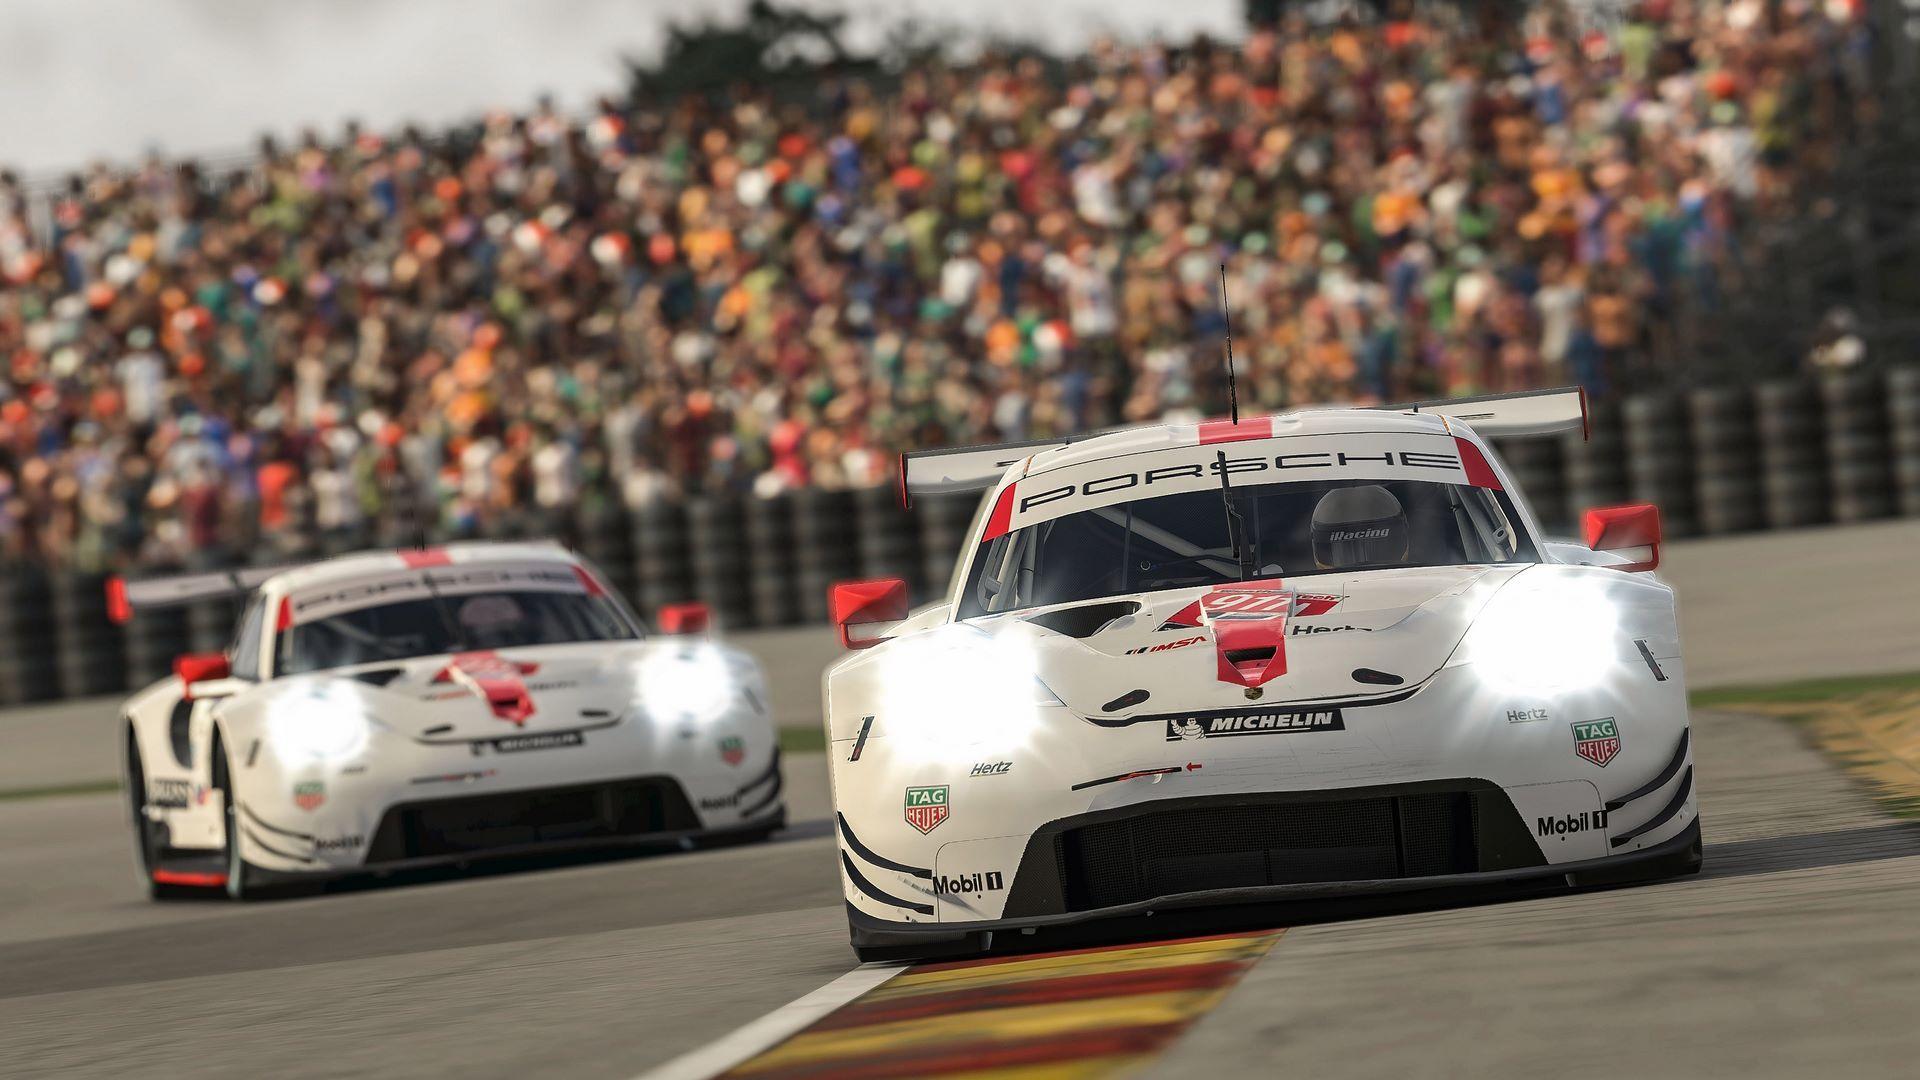 Porsche 911 RSR, Porsche GT Team (#911), Nick Tandy (GB), Porsche Junior (#913), Ayhancan Güven (TR)